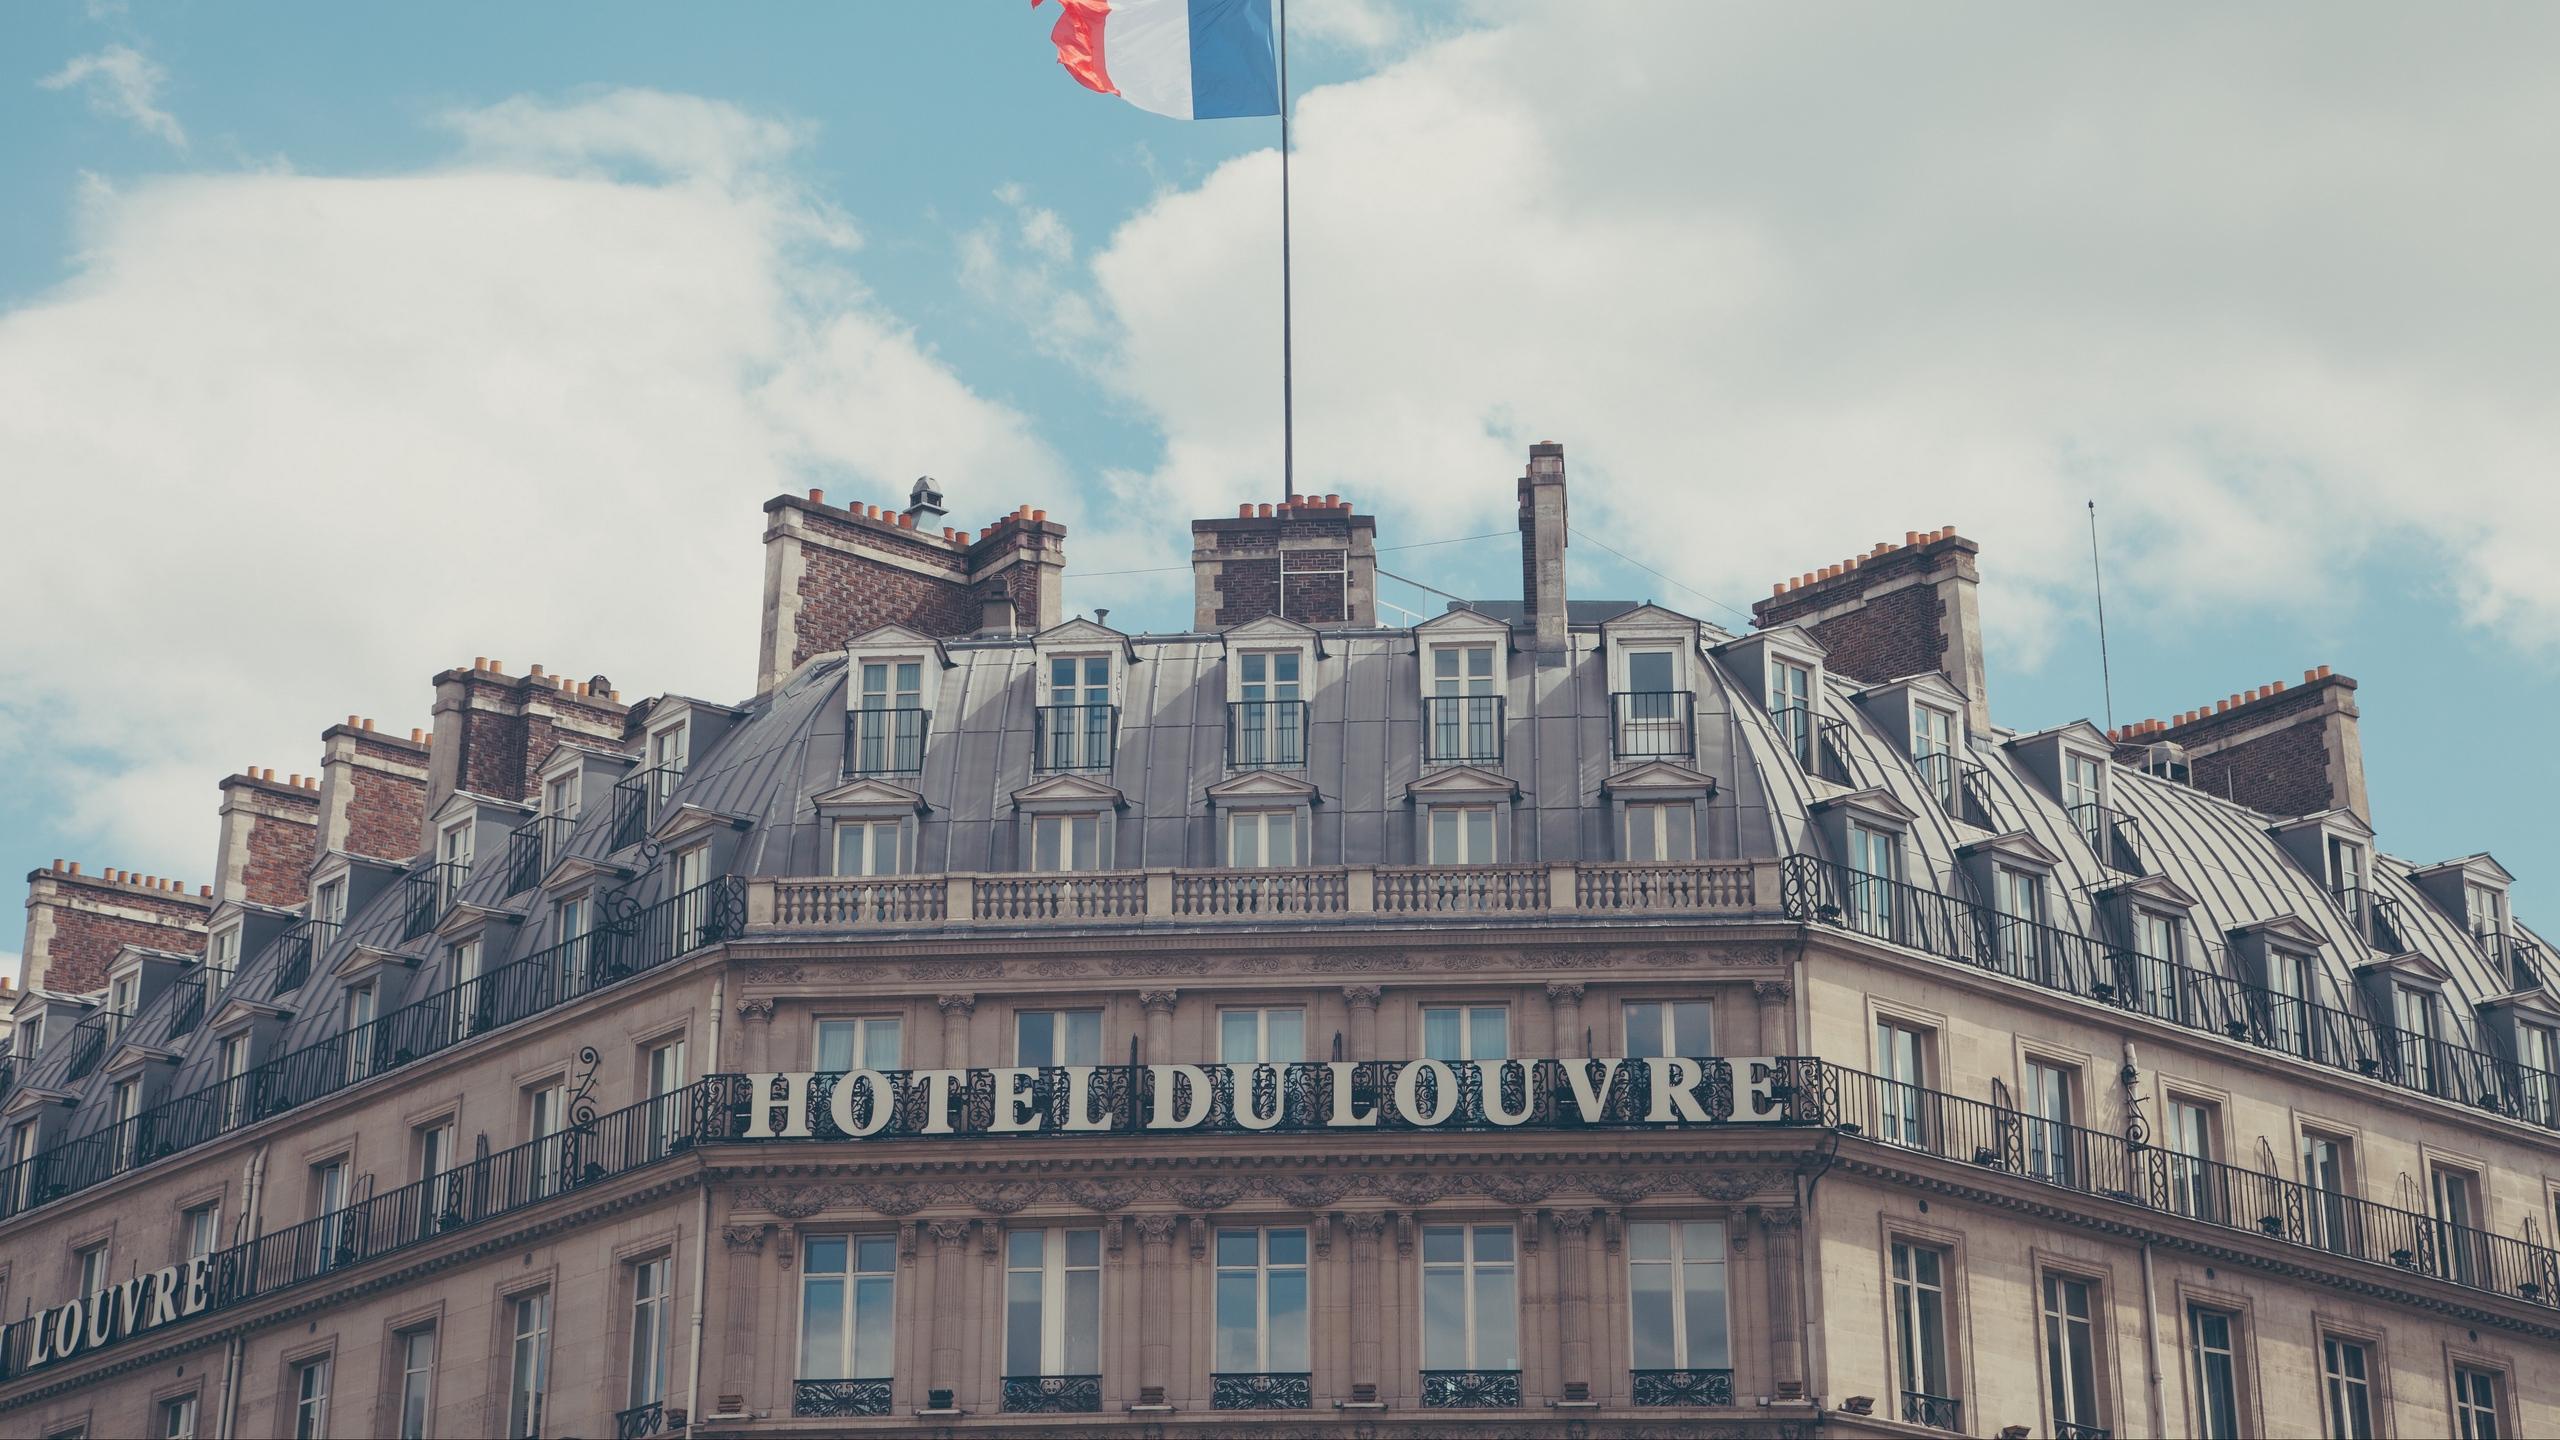 Download wallpaper 2560x1440 paris france hotel hotel du louvre 2560x1440